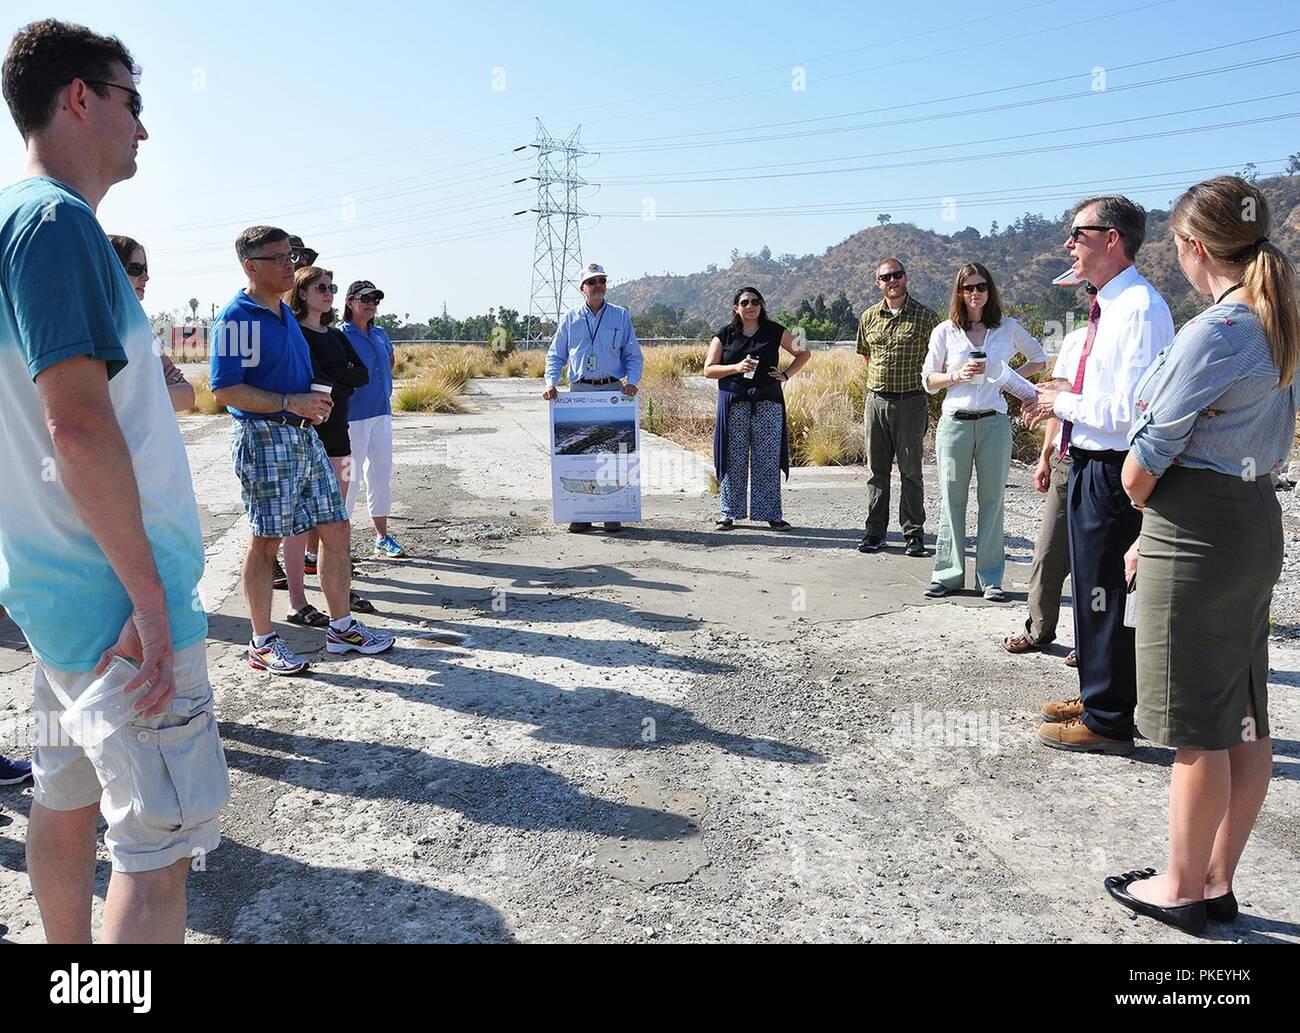 Armeno singoli siti di incontri